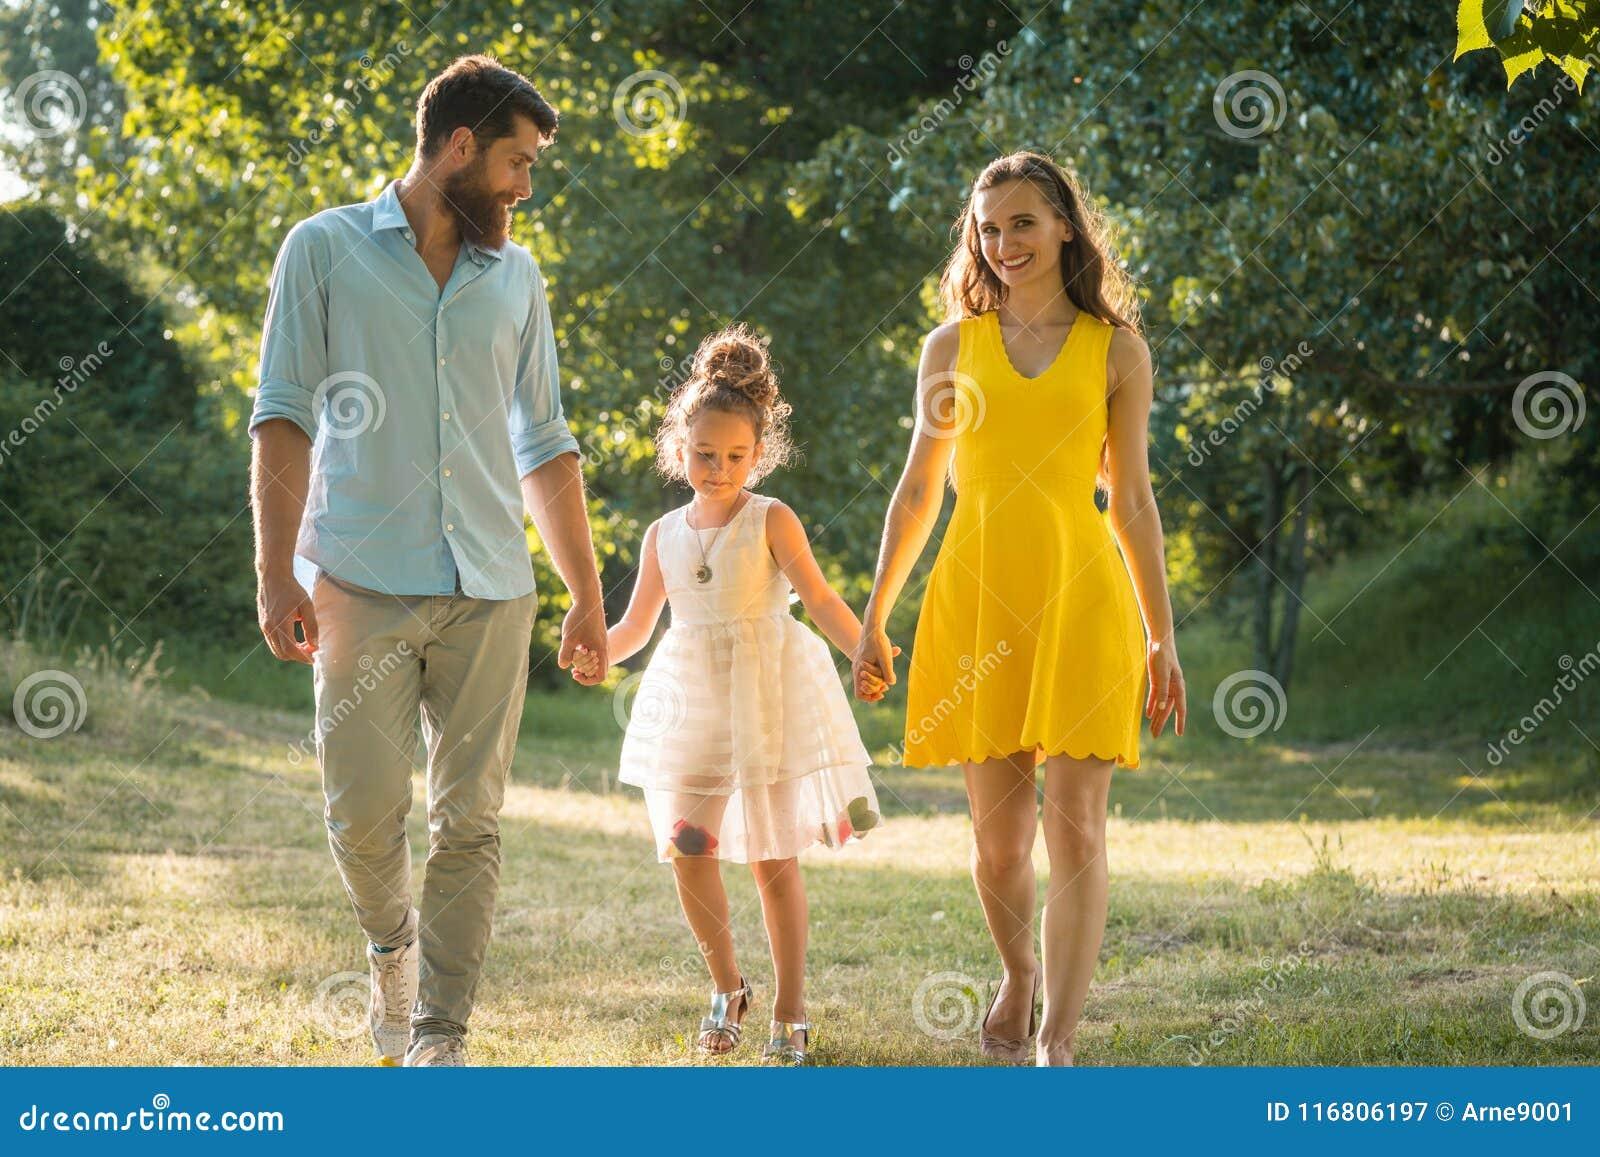 握女儿的手的充满爱心的父母,当一起时走